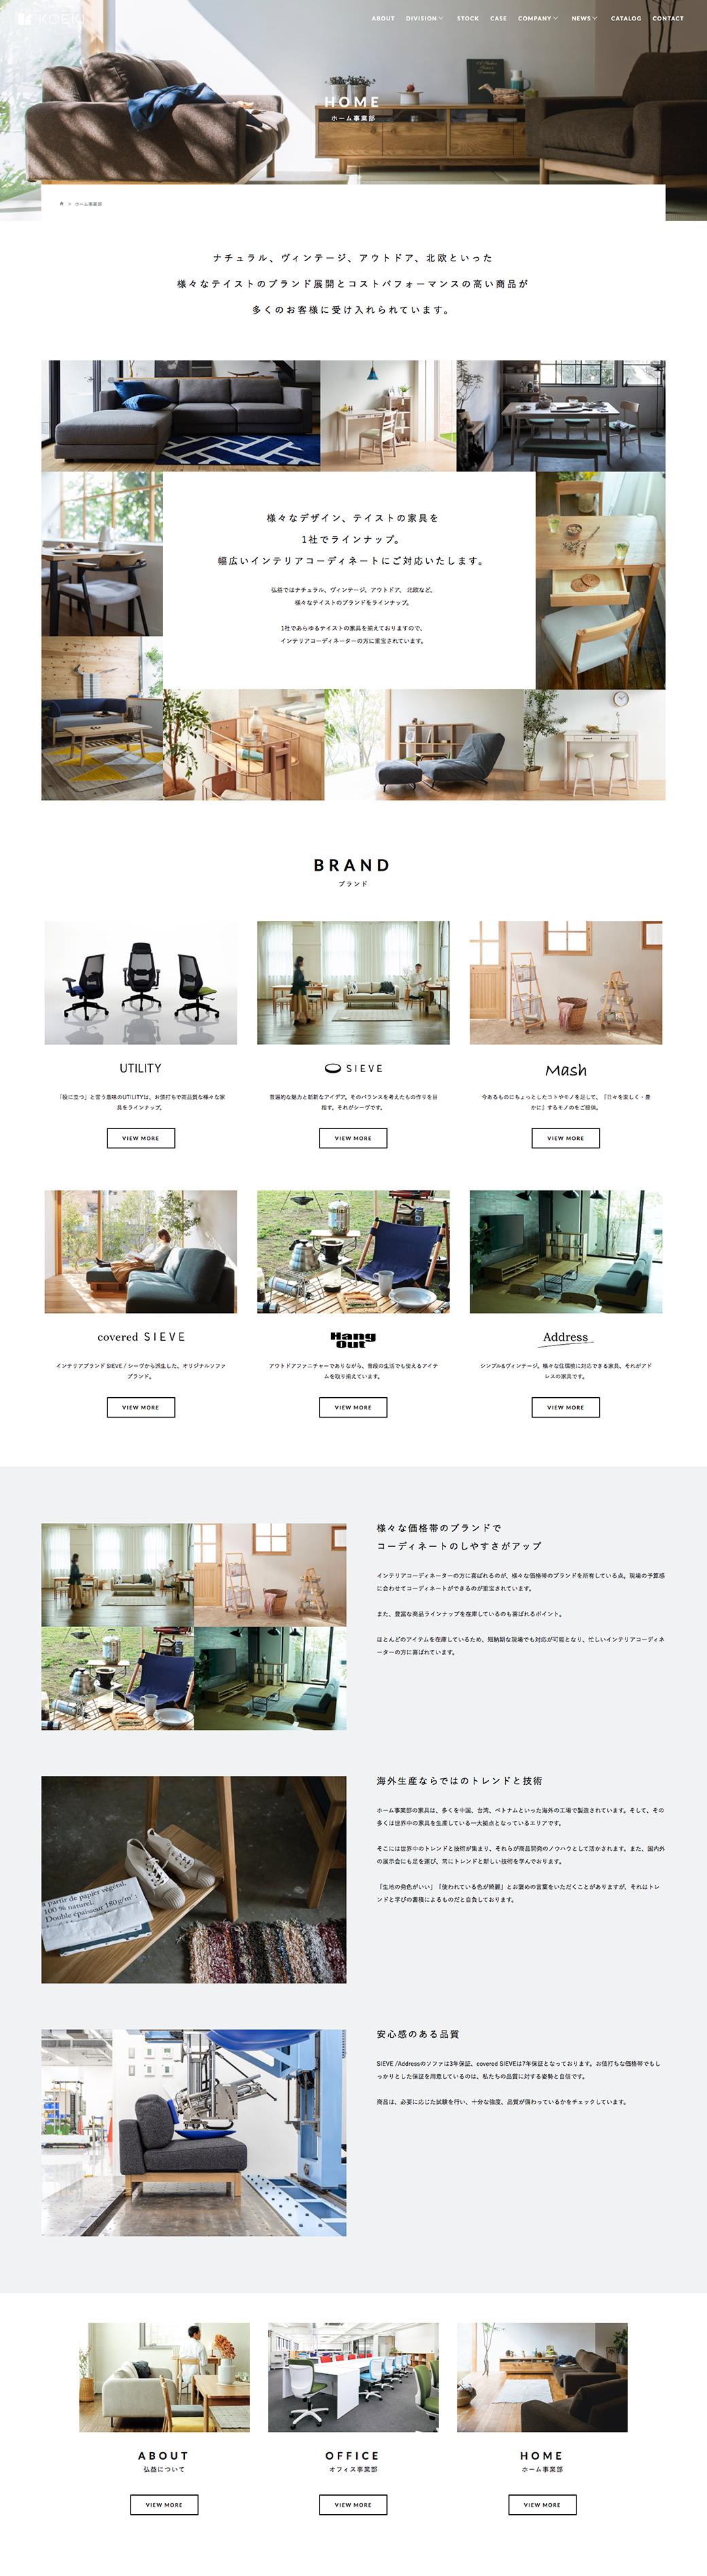 コーポレートサイト - ホーム事業部